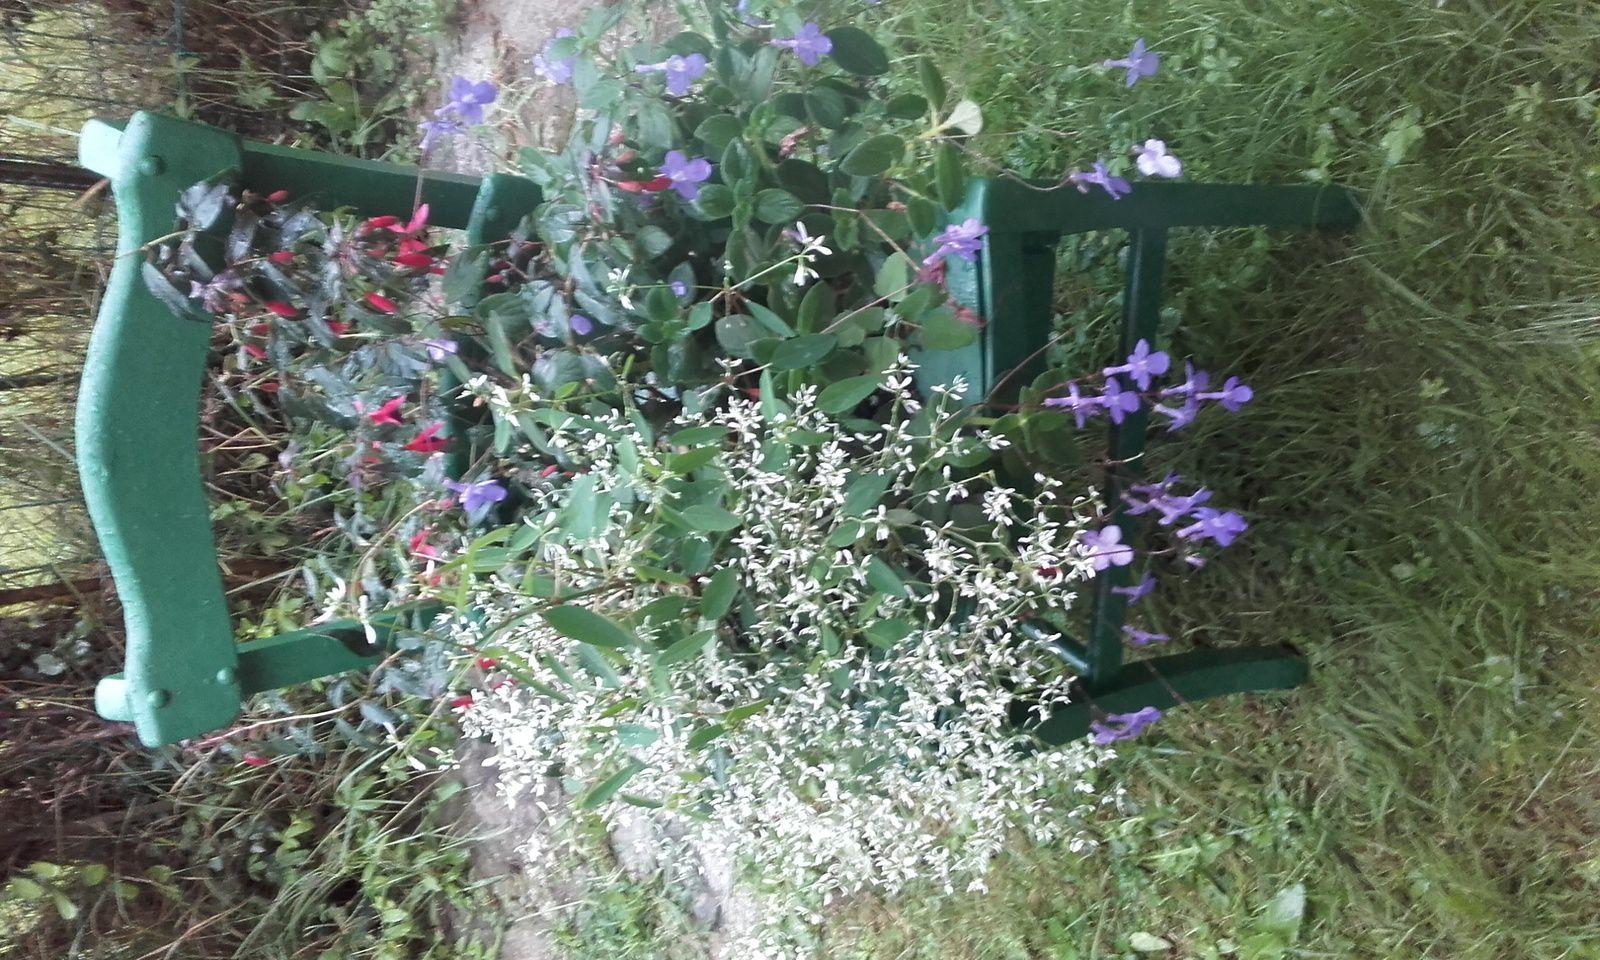 Une chaise abîmée accueille une potée de fleurs